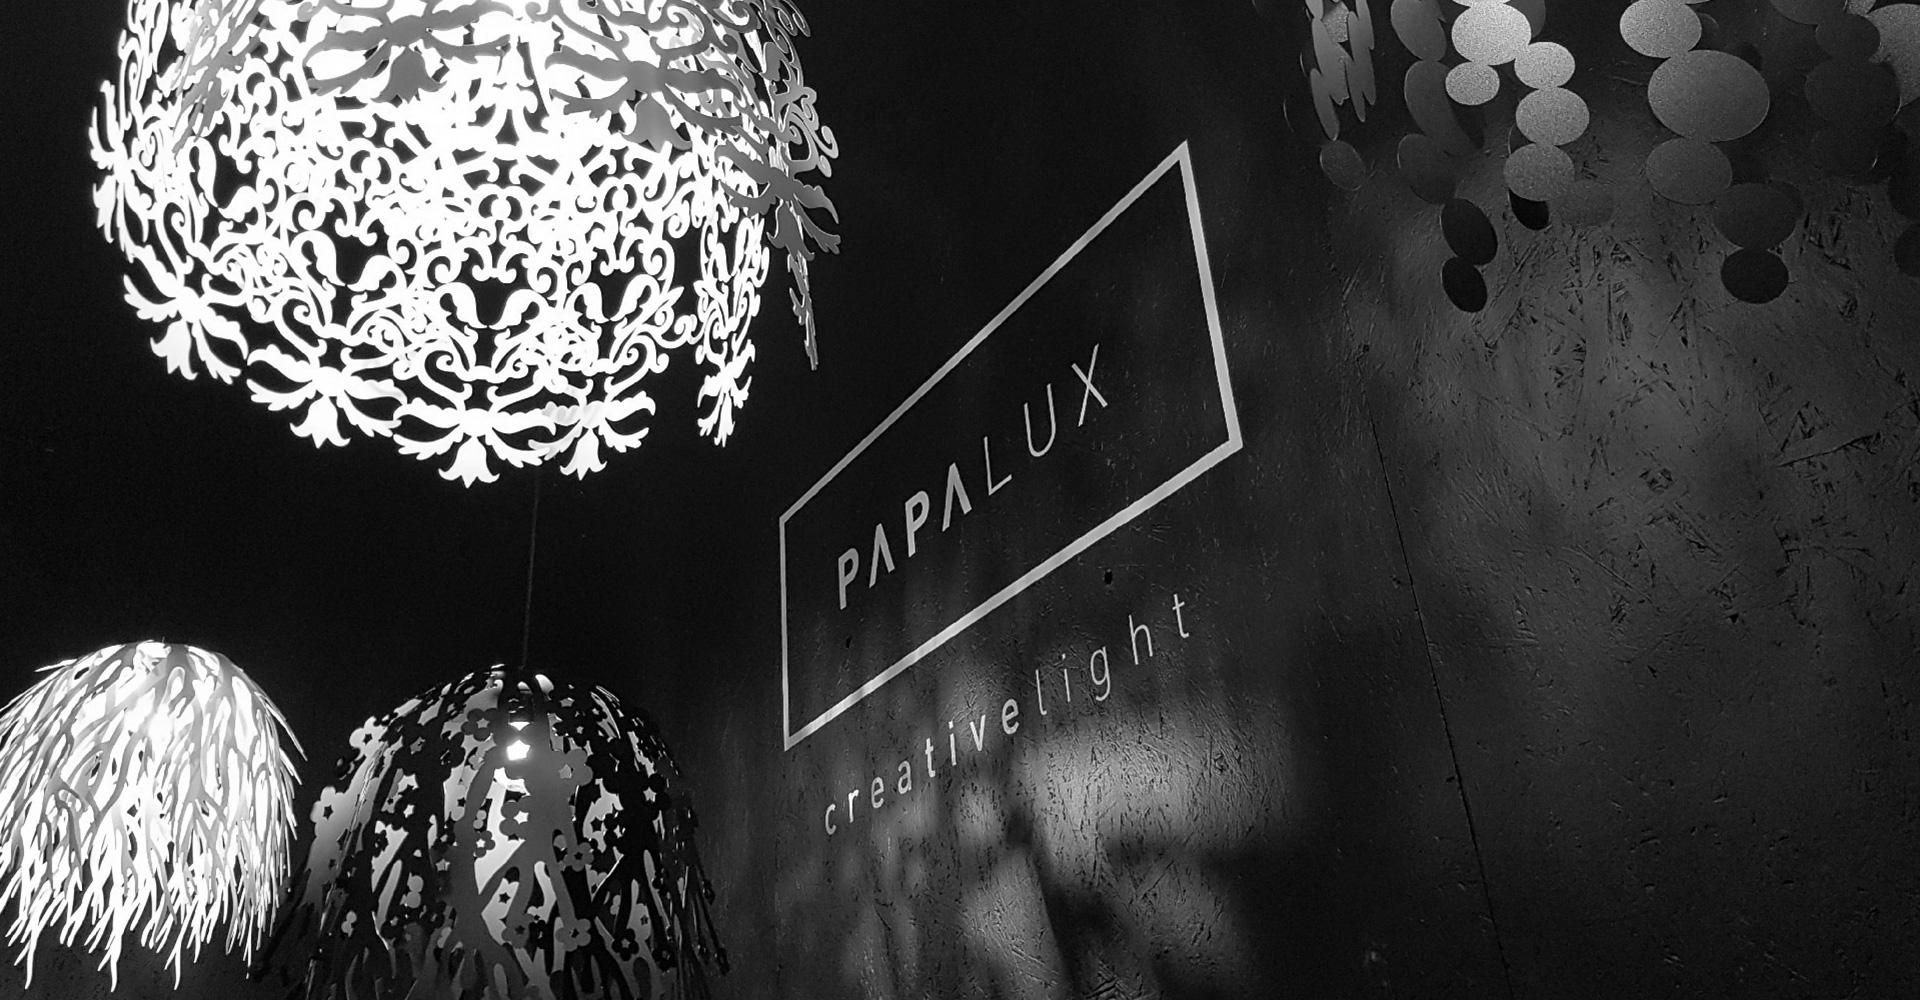 papalux_des2